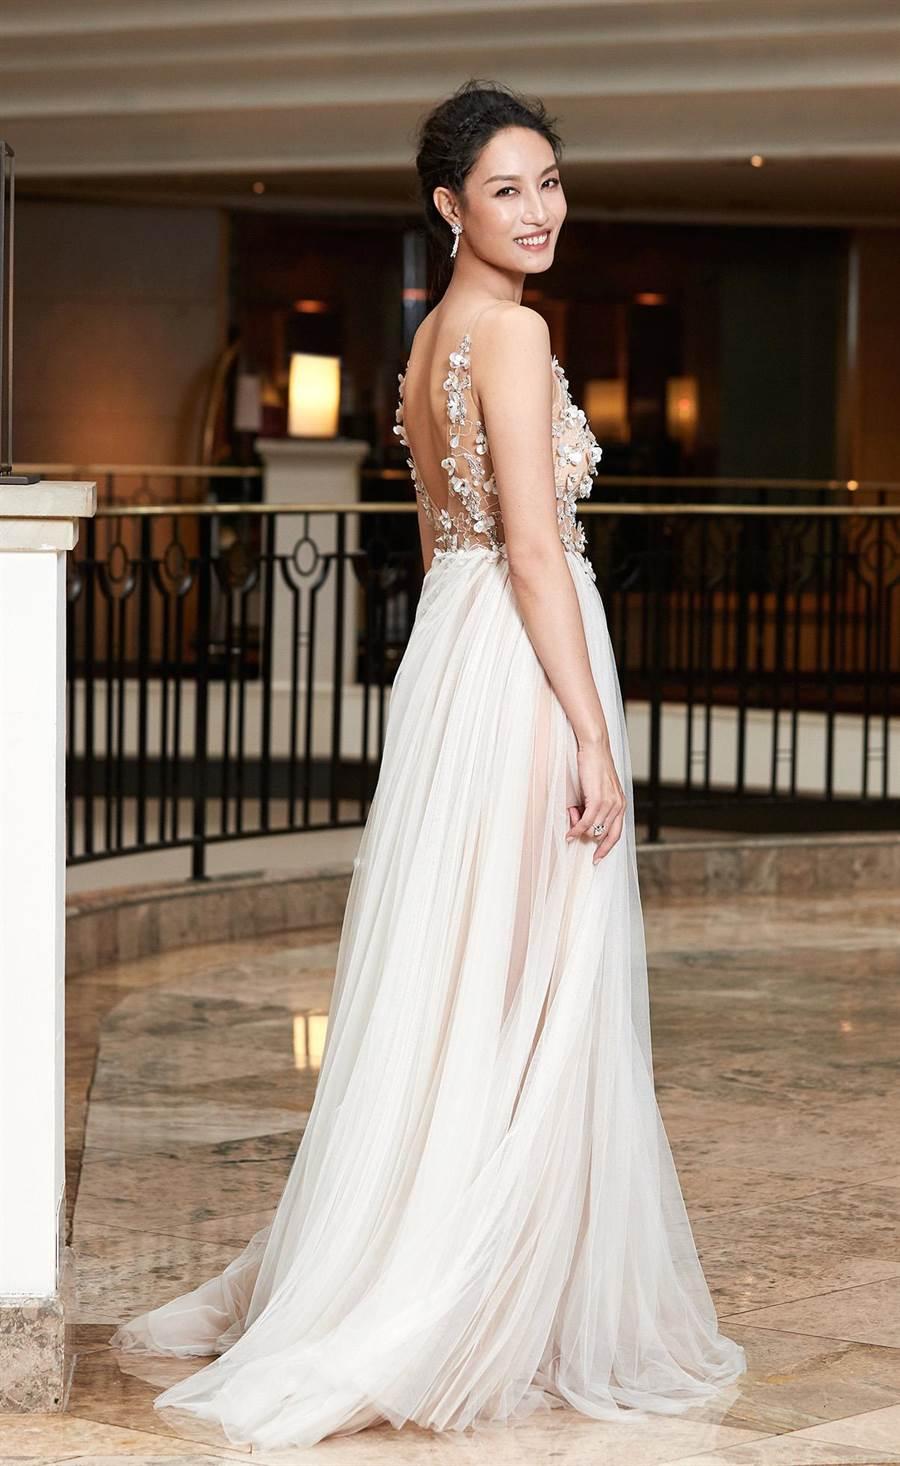 邱馨慧台北婚宴身穿Coronation.Lace.Bridal 香檳蕾絲禮服。(凱渥)